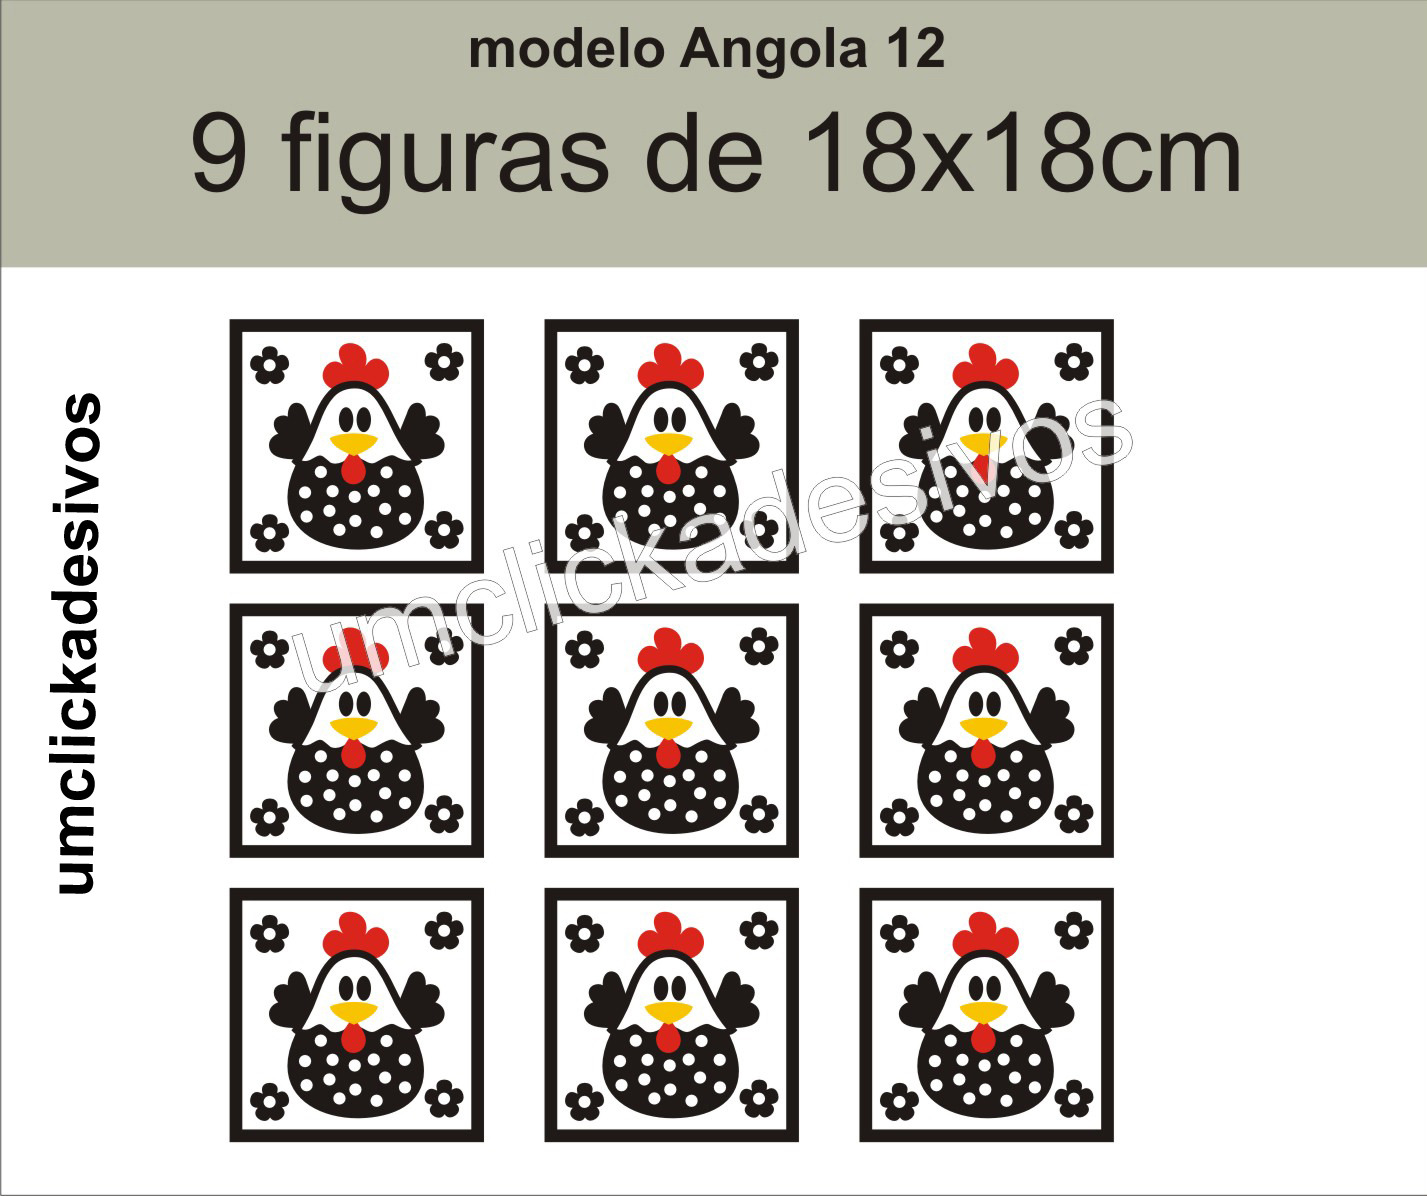 Adesivo Cozinha Galinha Angola 12 Adesivo Cozinha Galinha Angola 12